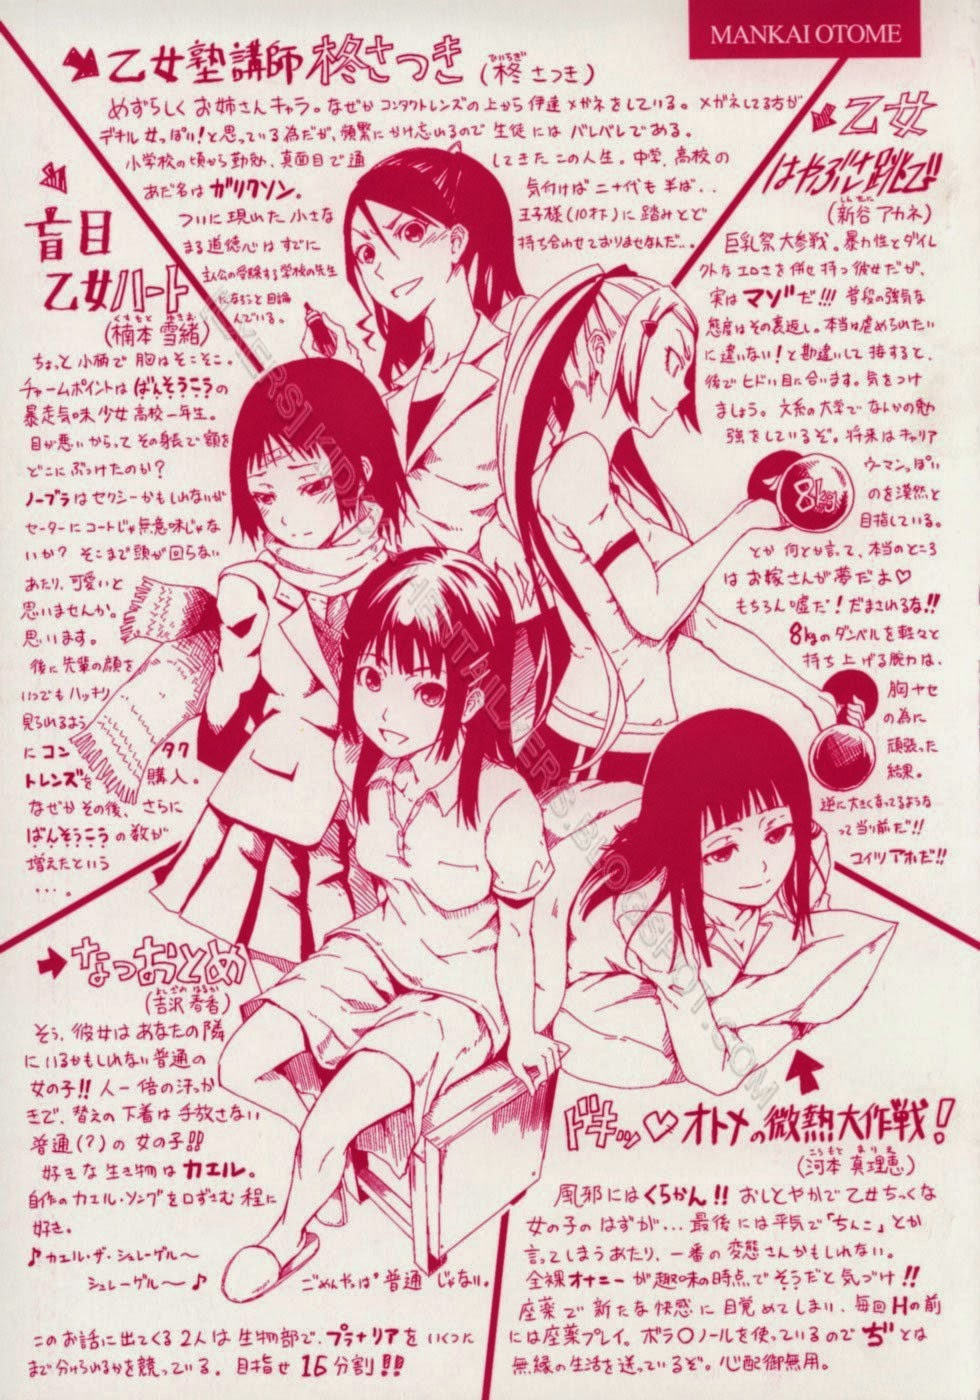 TruyenHay.Com - Ảnh 3 - Mankai Otome Chapter 1